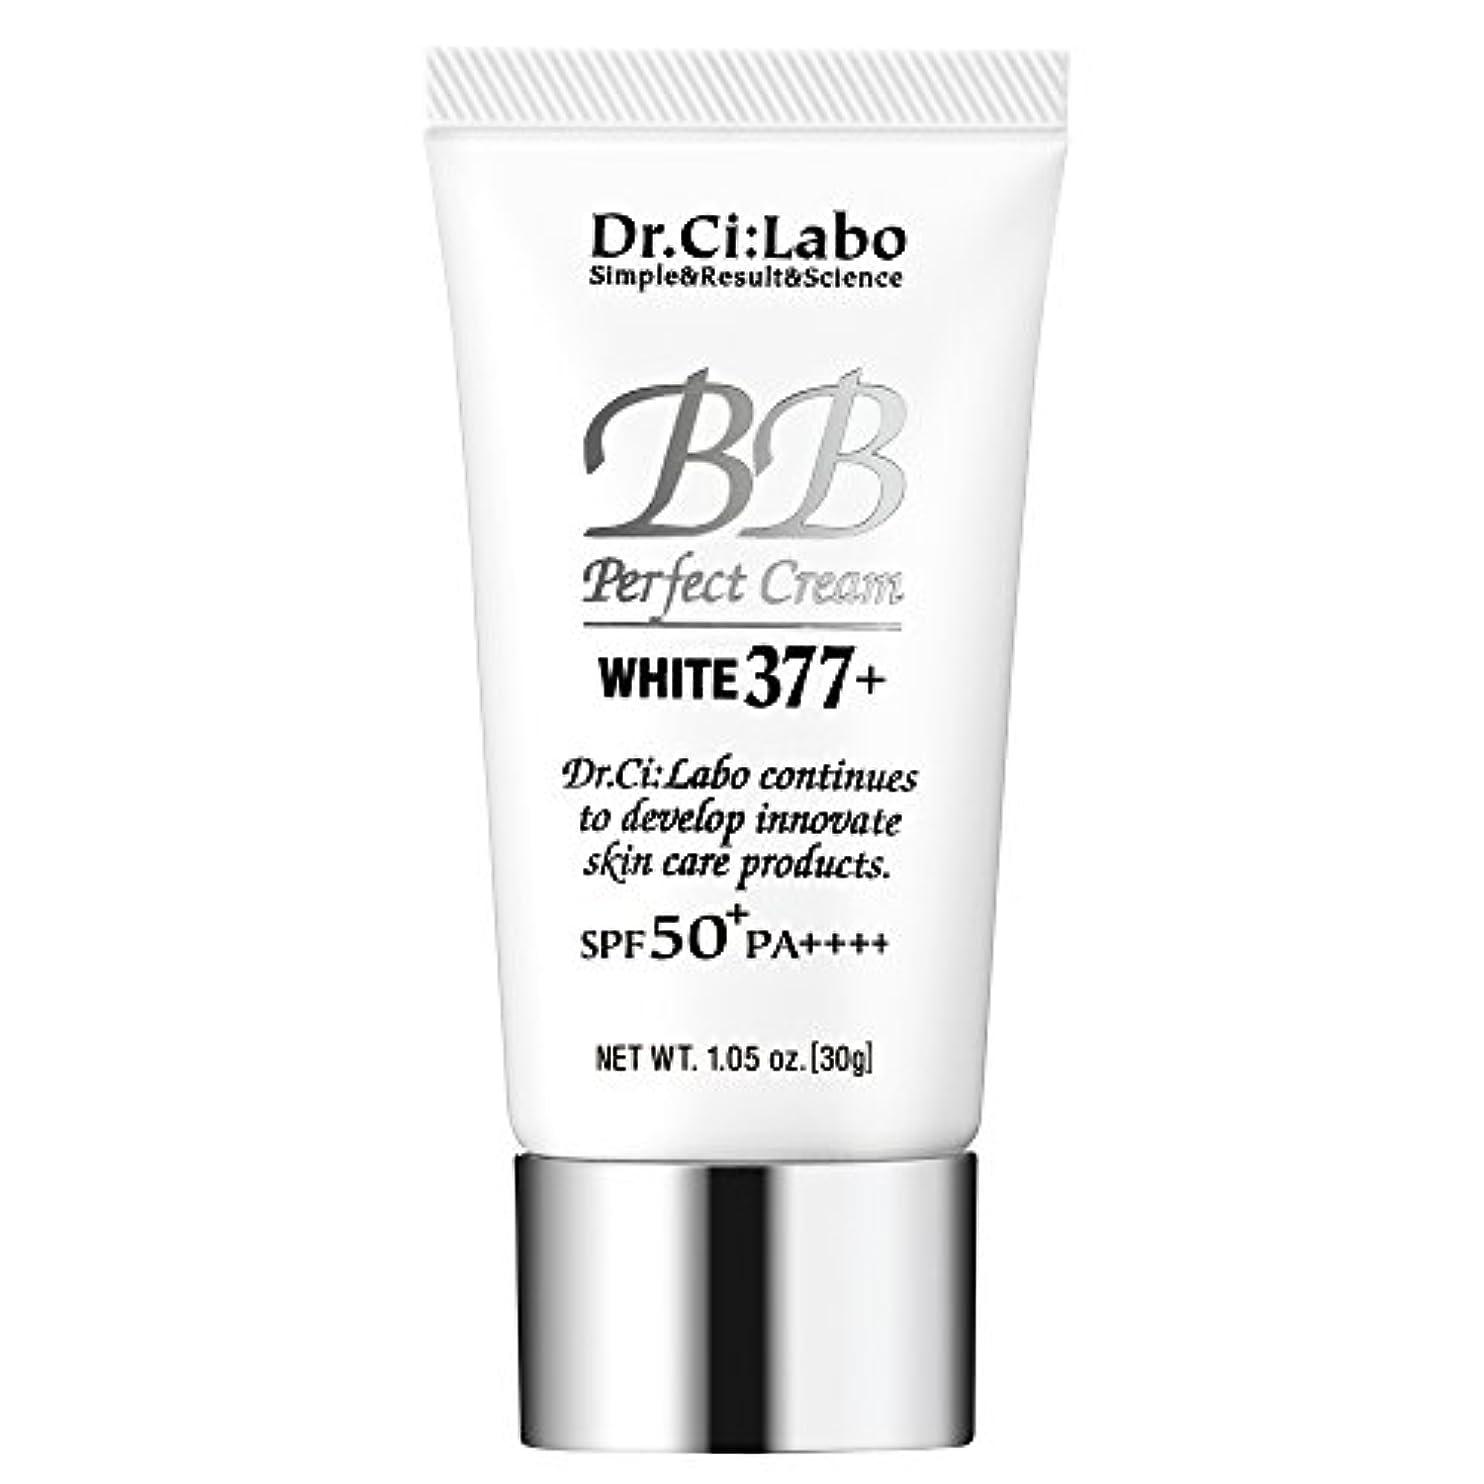 影響力のあるアクティビティ散るドクターシーラボ BBパーフェクトクリーム ホワイト377+ 30g 多機能ファンデーション 化粧下地